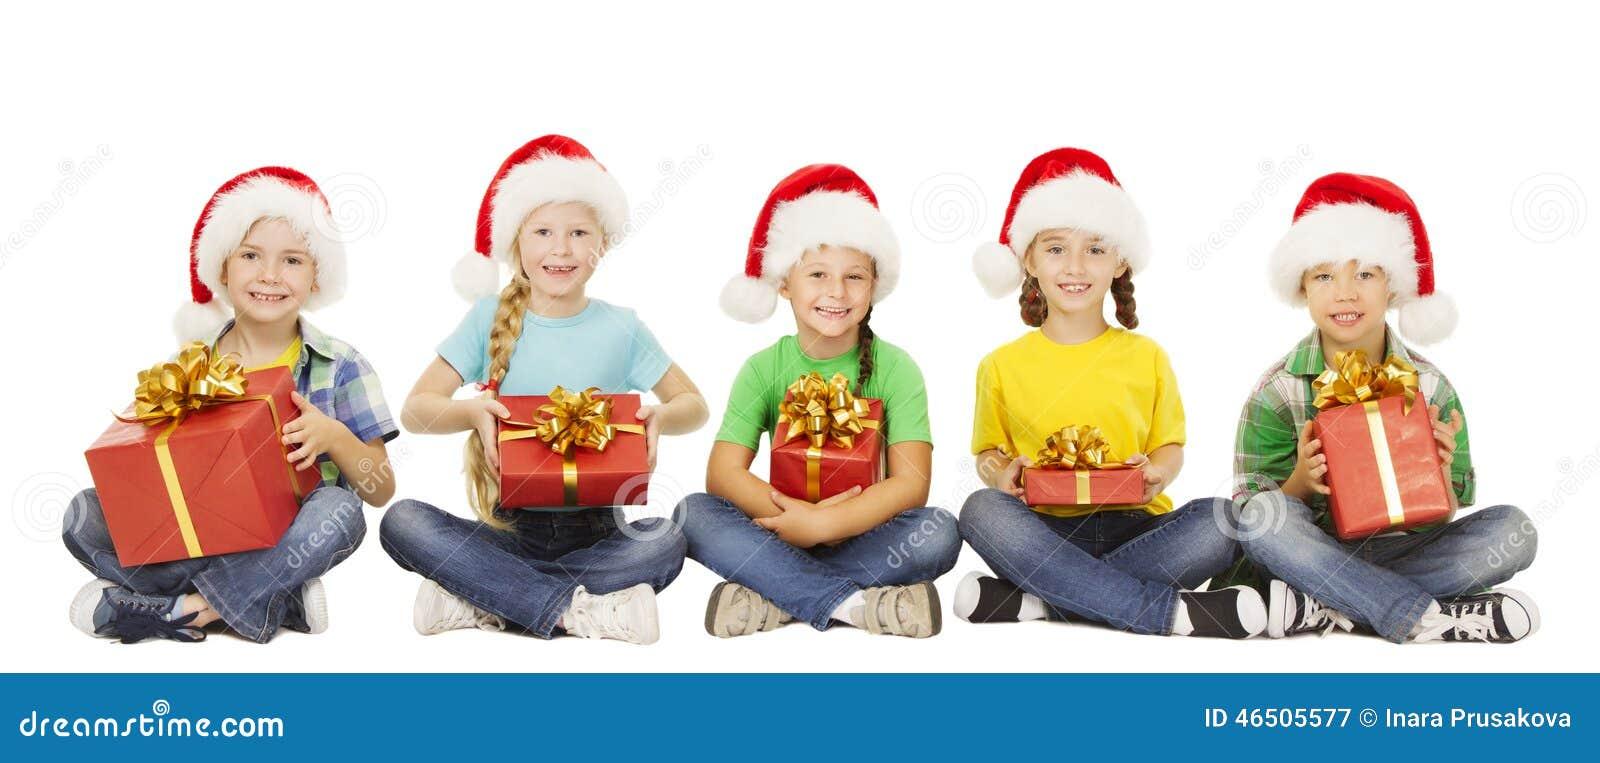 圣诞节孩子,当前礼物盒, Xmas圣诞老人帽子的孩子